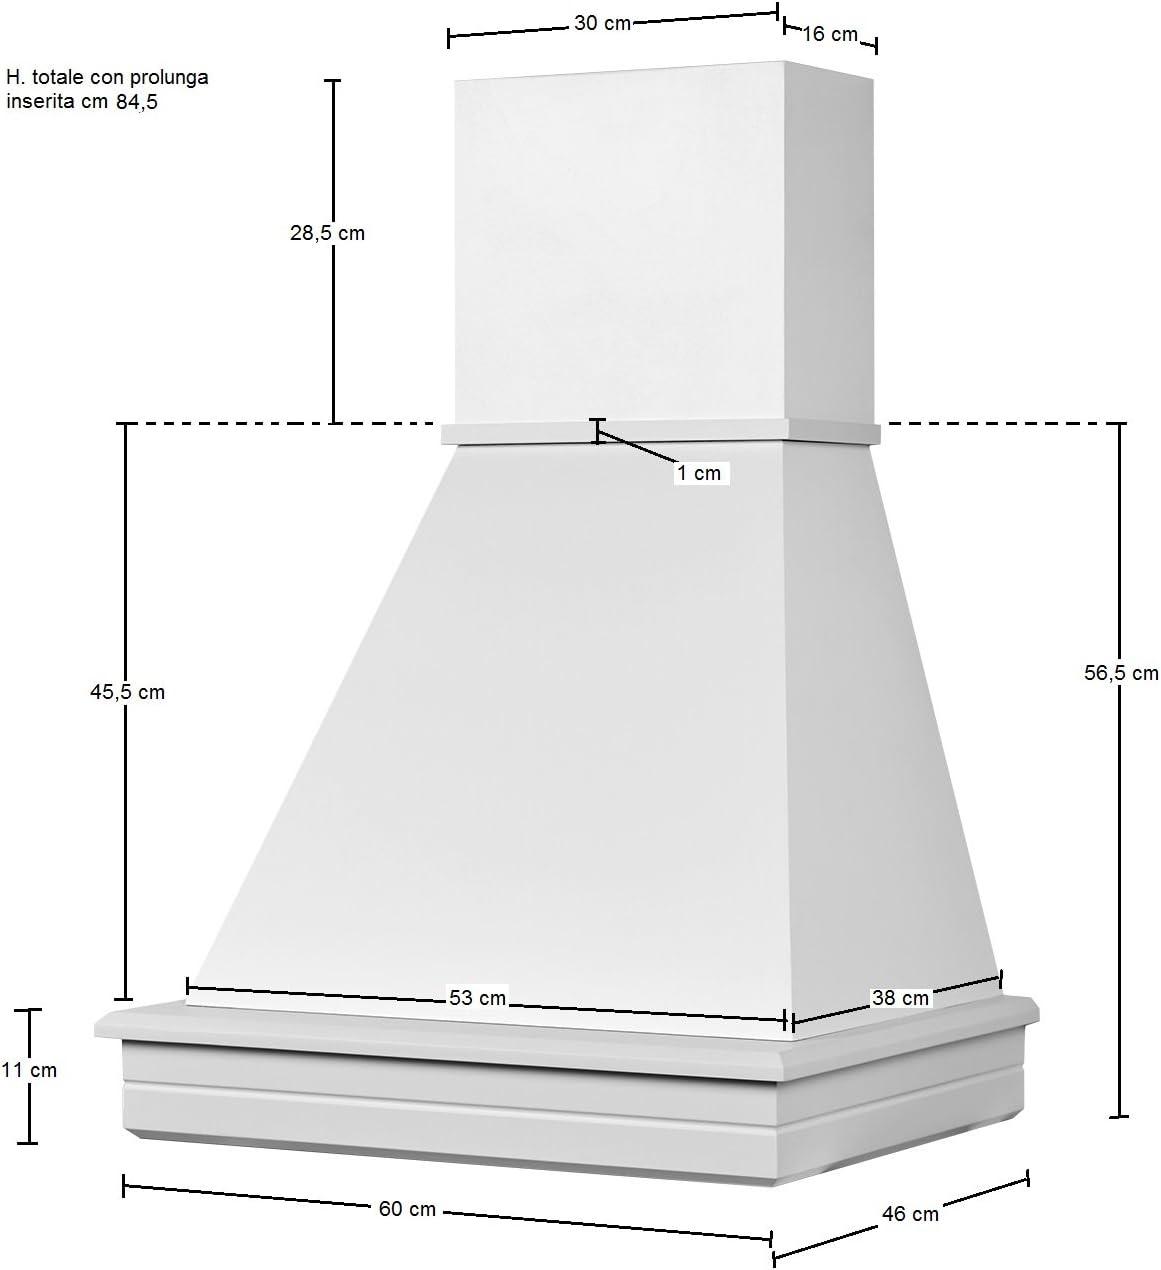 Campana de cocina rústica de madera. Modelo: Stock 60 de pared – Nogal clásico – Cono de color blanco.: Amazon.es: Hogar